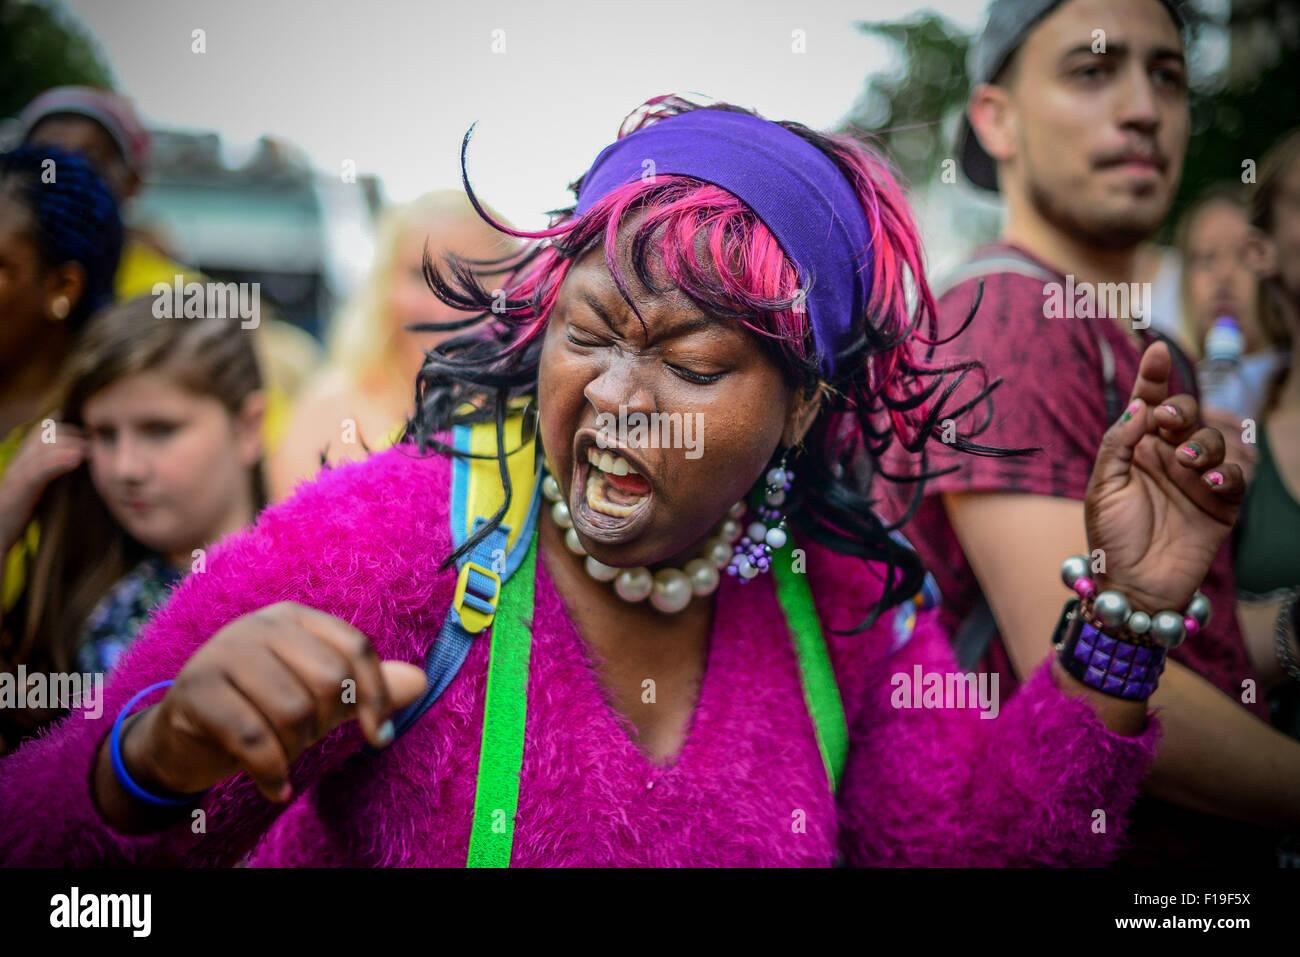 Londres, Reino Unido. El 30 de agosto, 2015. Cientos de jóvenes participan en un gran desfile de carrozas y bailarines de calipso para el Día del Niño. Crédito: Velar la Subvención/Cable/ZUMA Alamy Live News Foto de stock